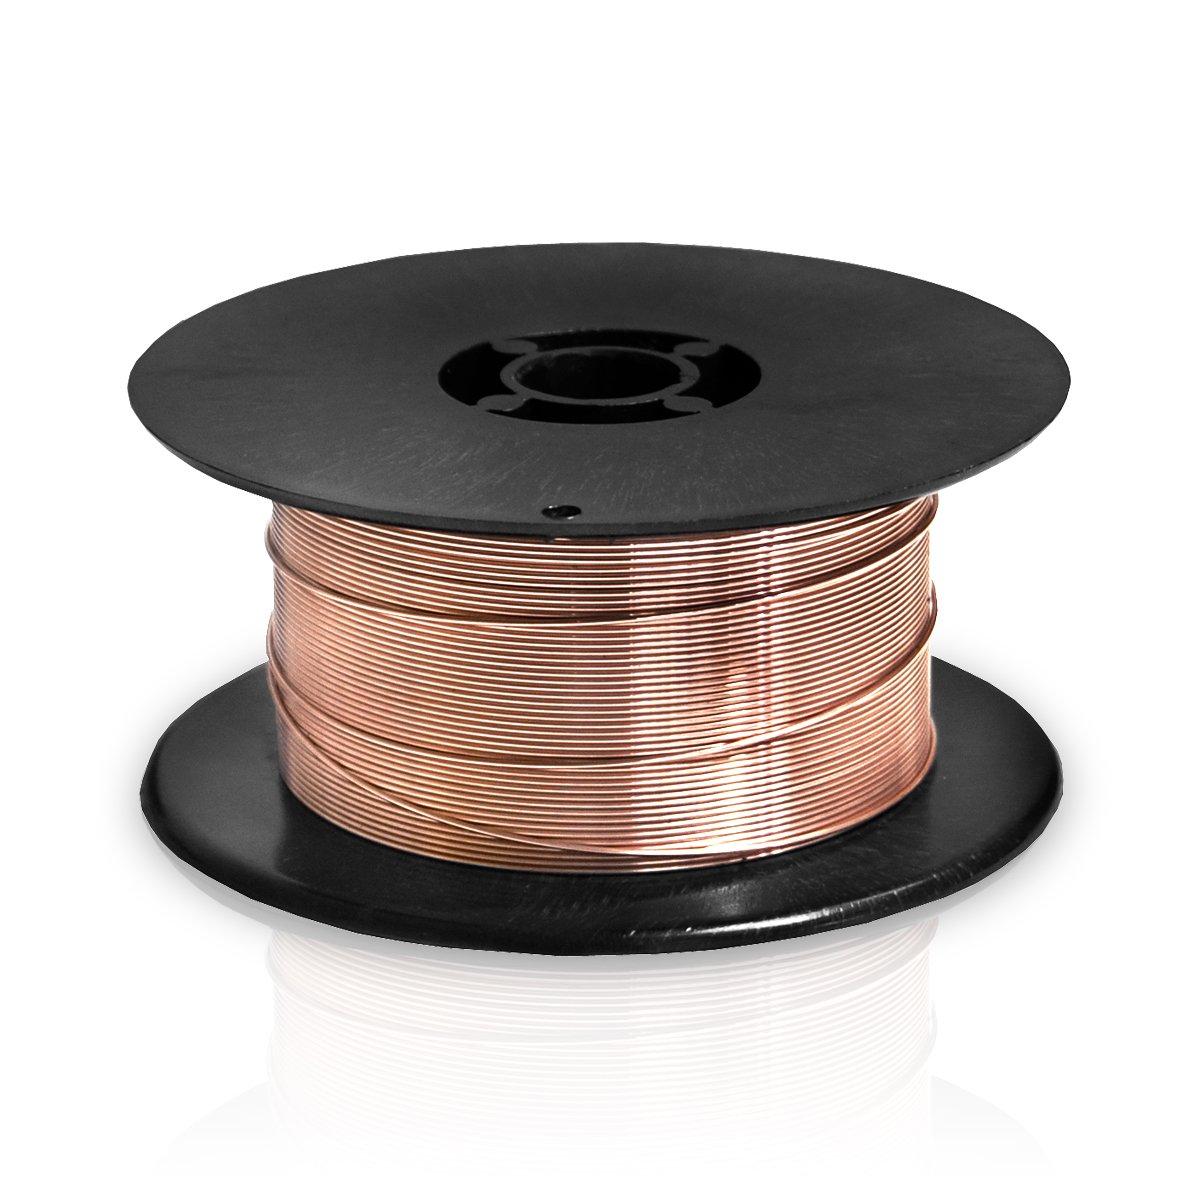 Berlan Schweißdraht Ø 0,8 mm für MIG / MAG Schweißgerät: Amazon.de ...